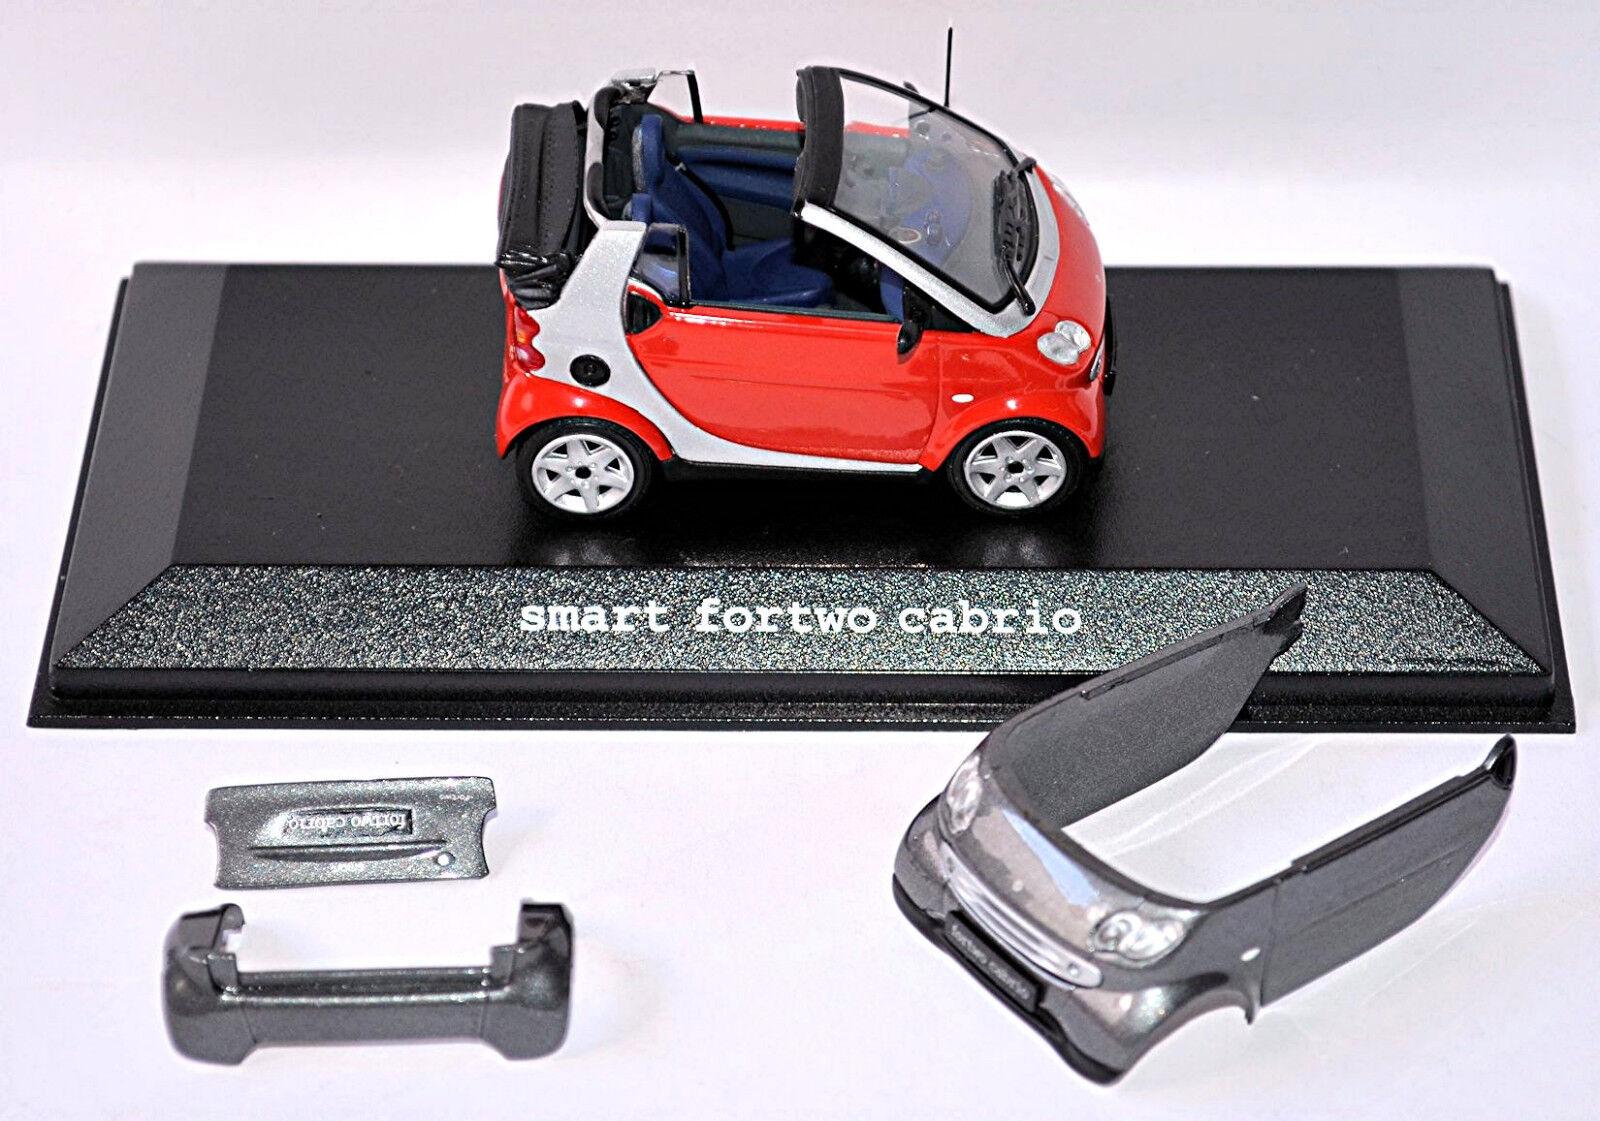 comprar mejor Smart Fortwo Cabrio Cabrio Cabrio 2003-07 Facelift A450 Rojo + gris Phat rojo + Bay gris 1 43  Seleccione de las marcas más nuevas como